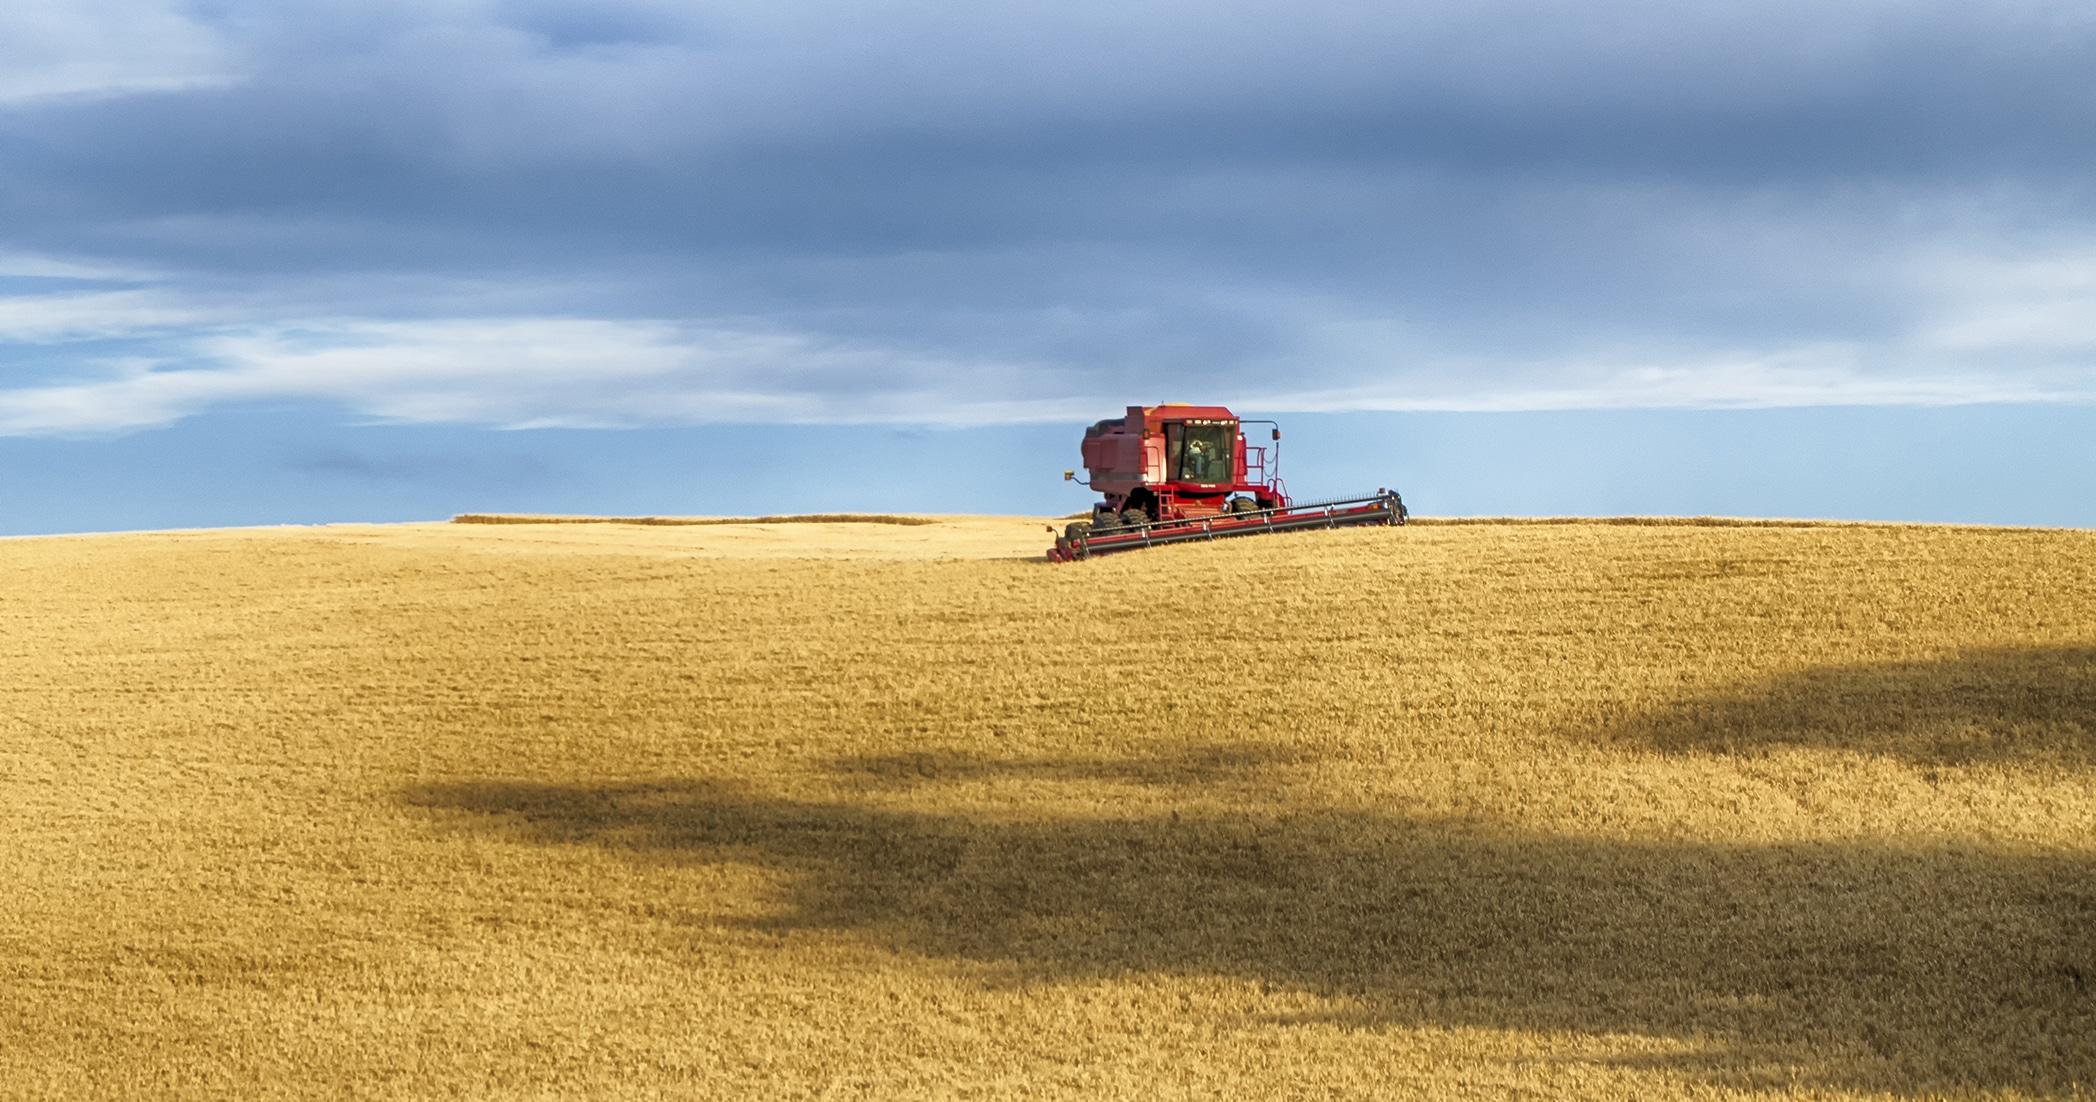 Idaho wheat harvesting